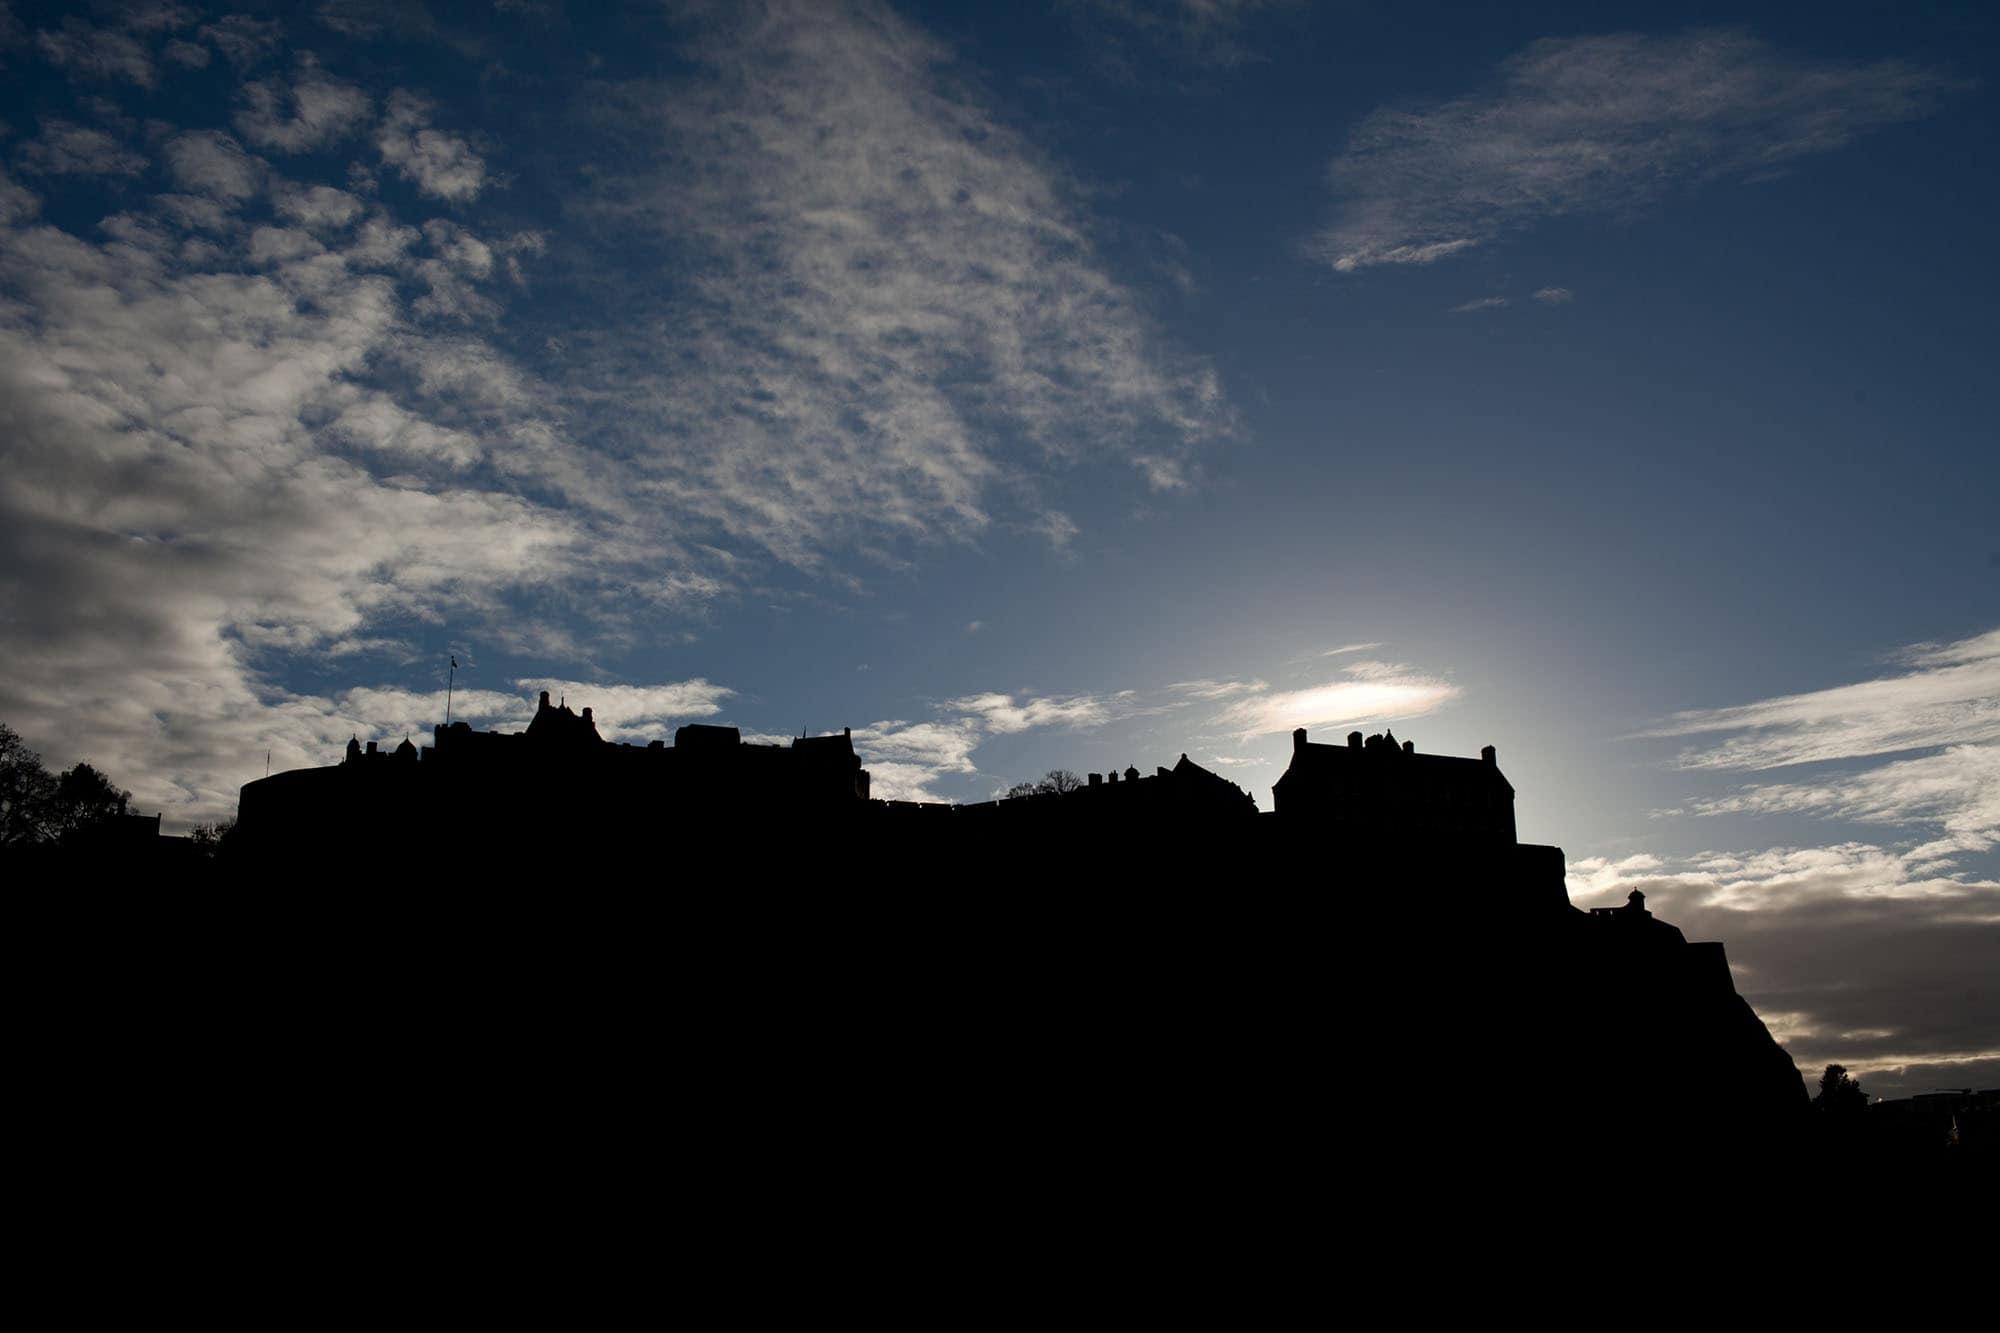 Edinburgh Castle in Edinburgh, Scotland